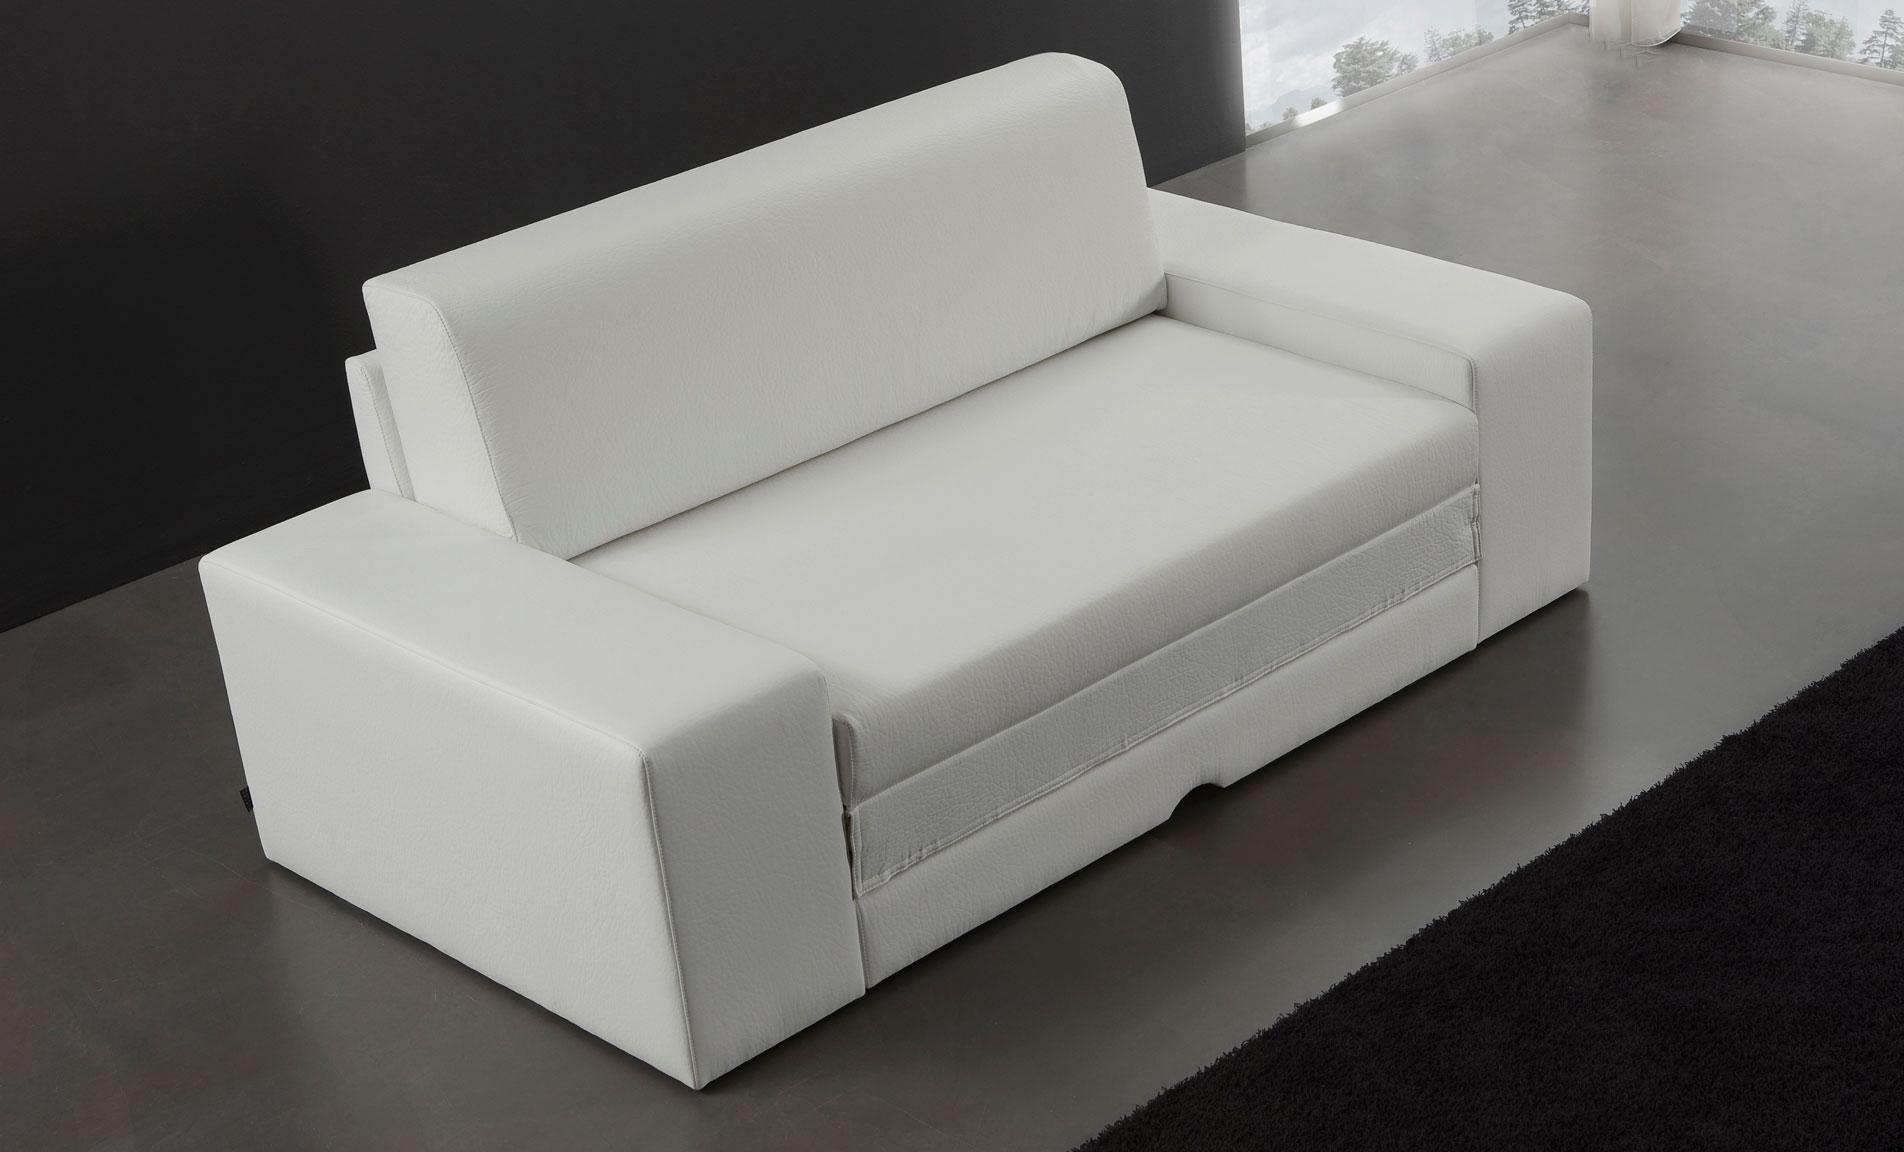 Sof cama de 195 moderno land en cosas de arquitectoscosas - Camas diseno moderno ...